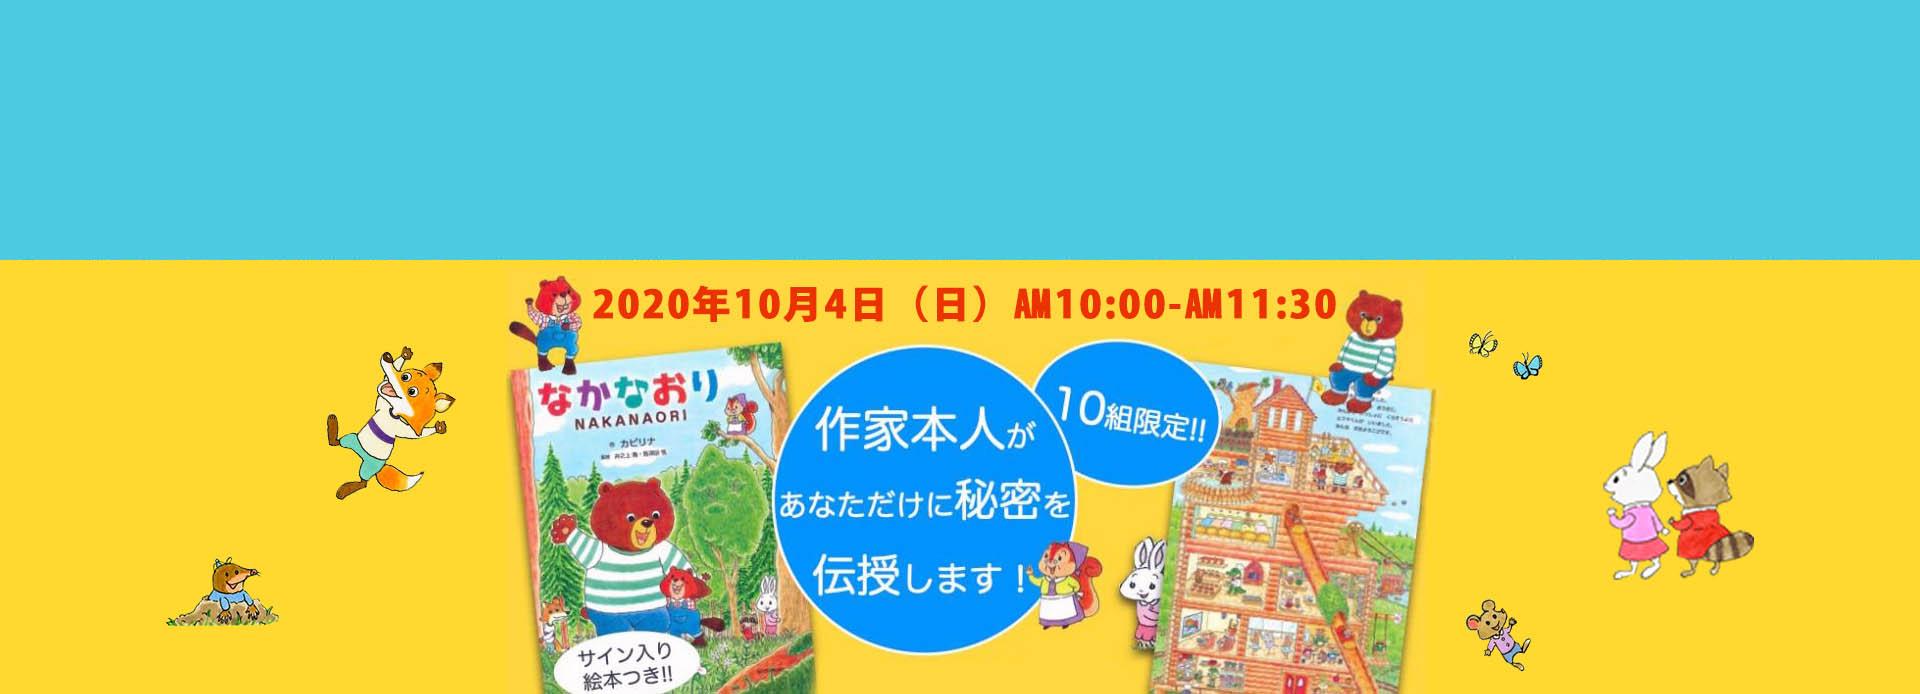 2020年10月4日(日)AM10:00-AM11:30 オンライン(Zoom)にてワークショップ開催!!